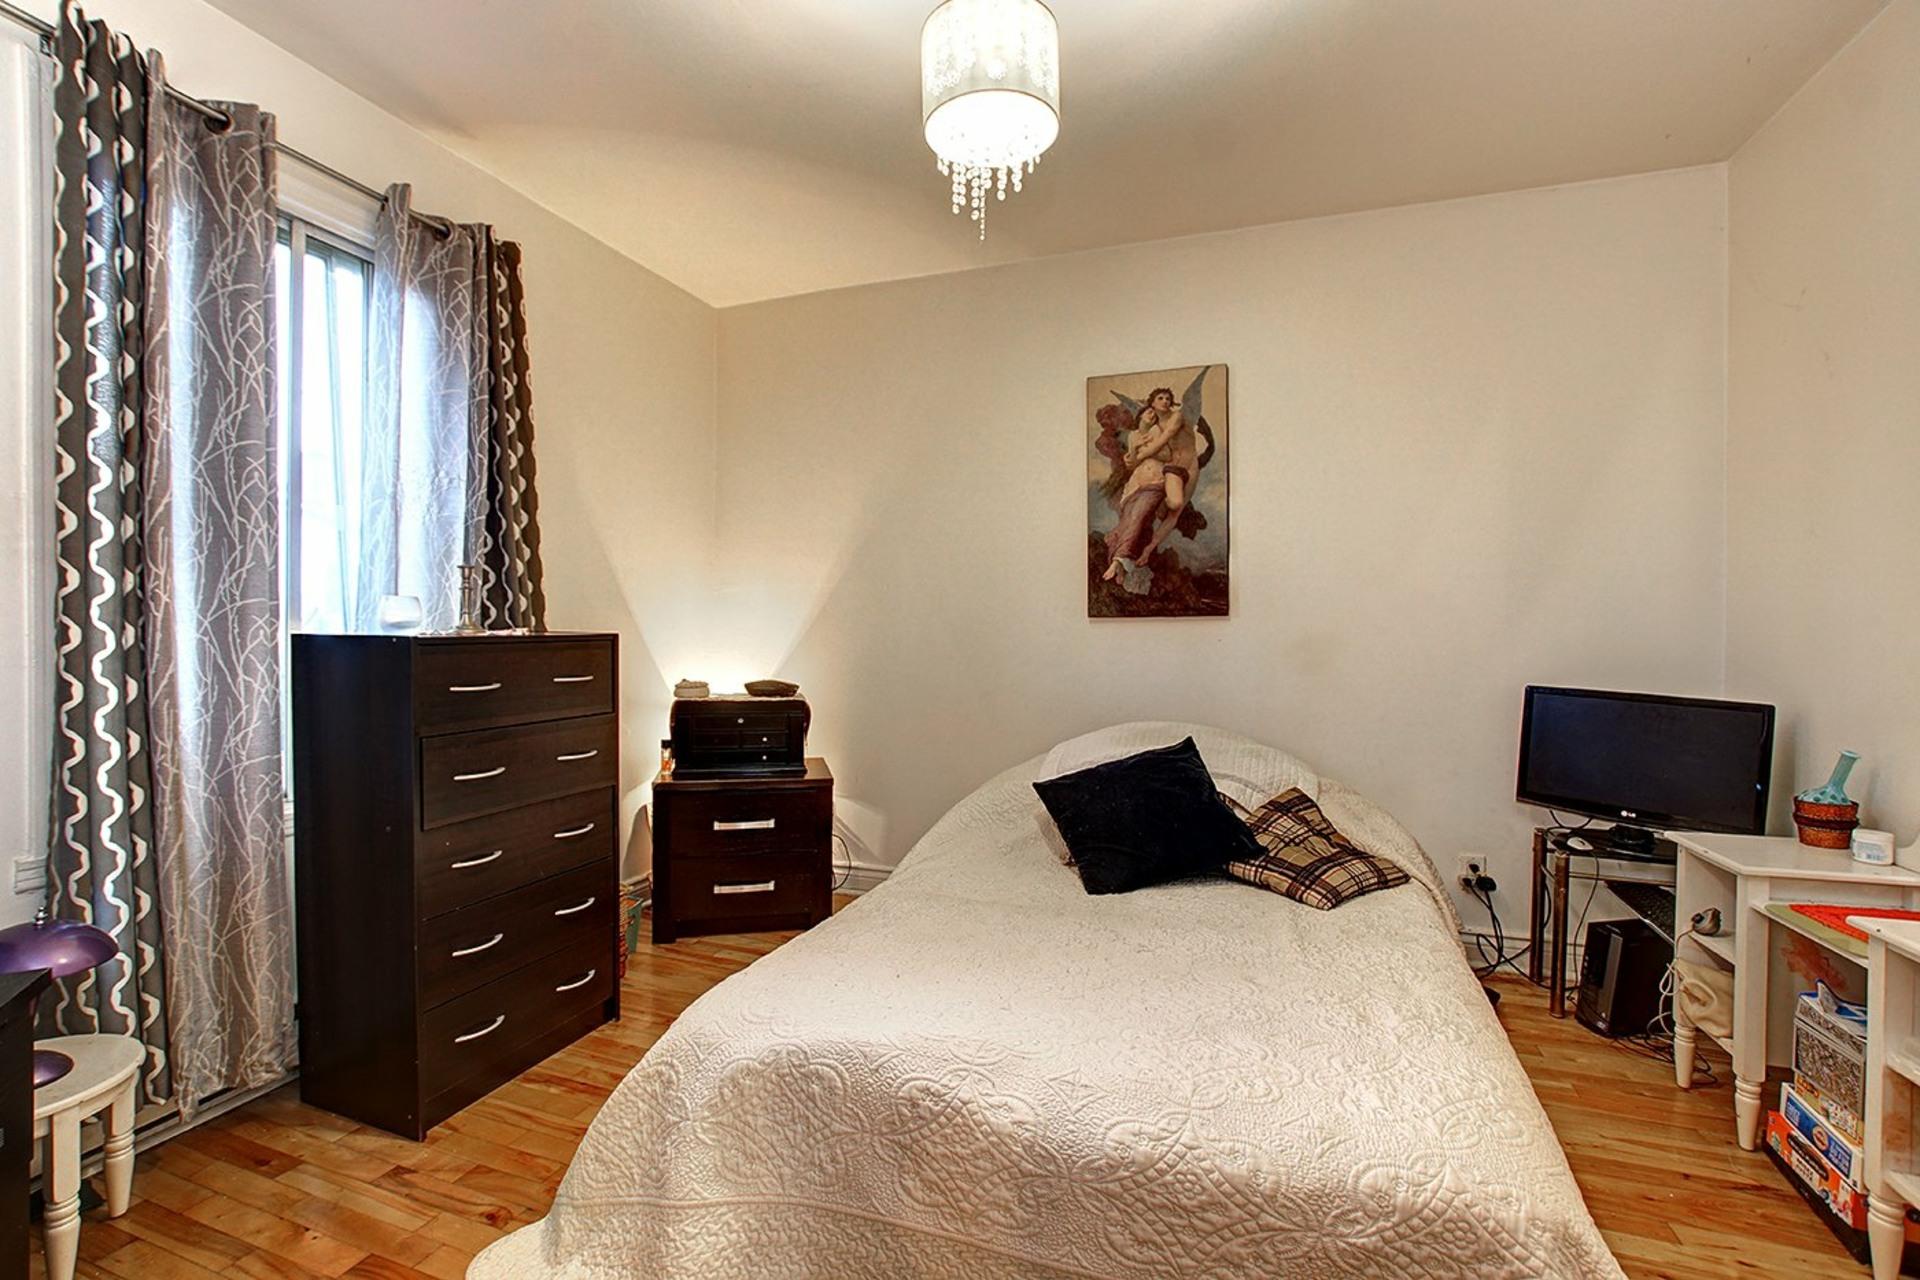 image 19 - Duplex For sale Rivière-des-Prairies/Pointe-aux-Trembles Montréal  - 4 rooms